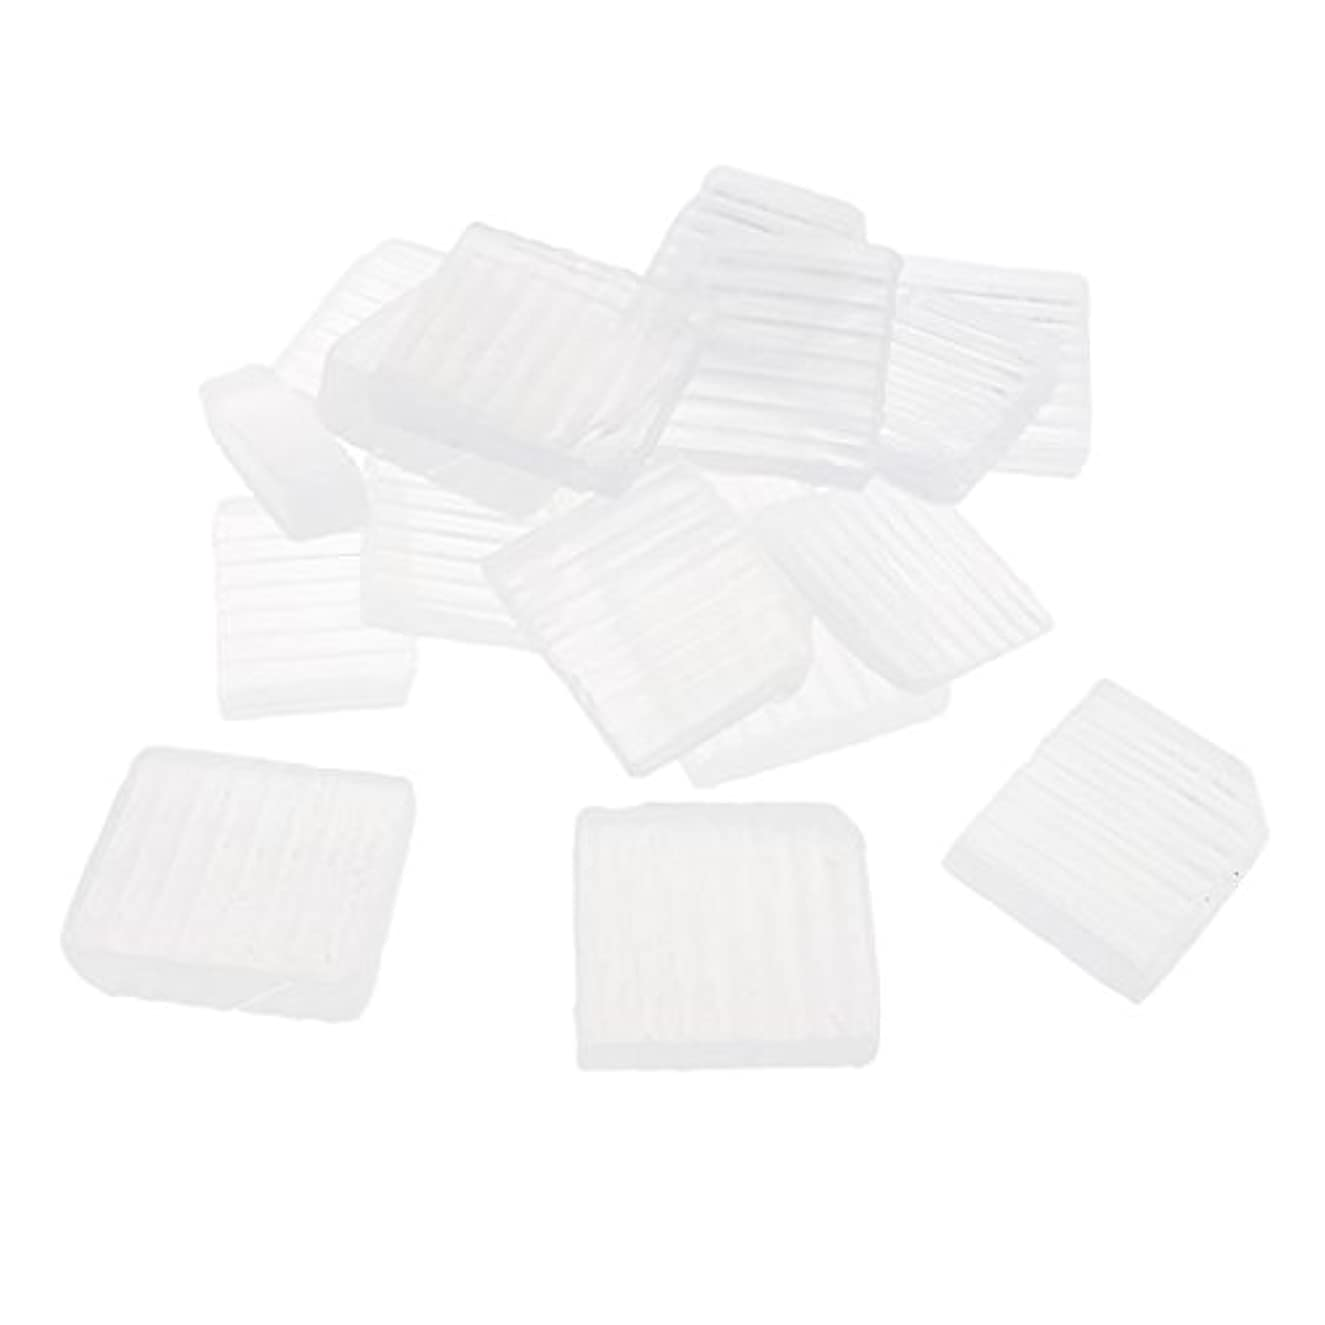 旋回ほうき脚本家Sharplace 透明 石鹸ベース DIY 手作り 石鹸 約1 KG